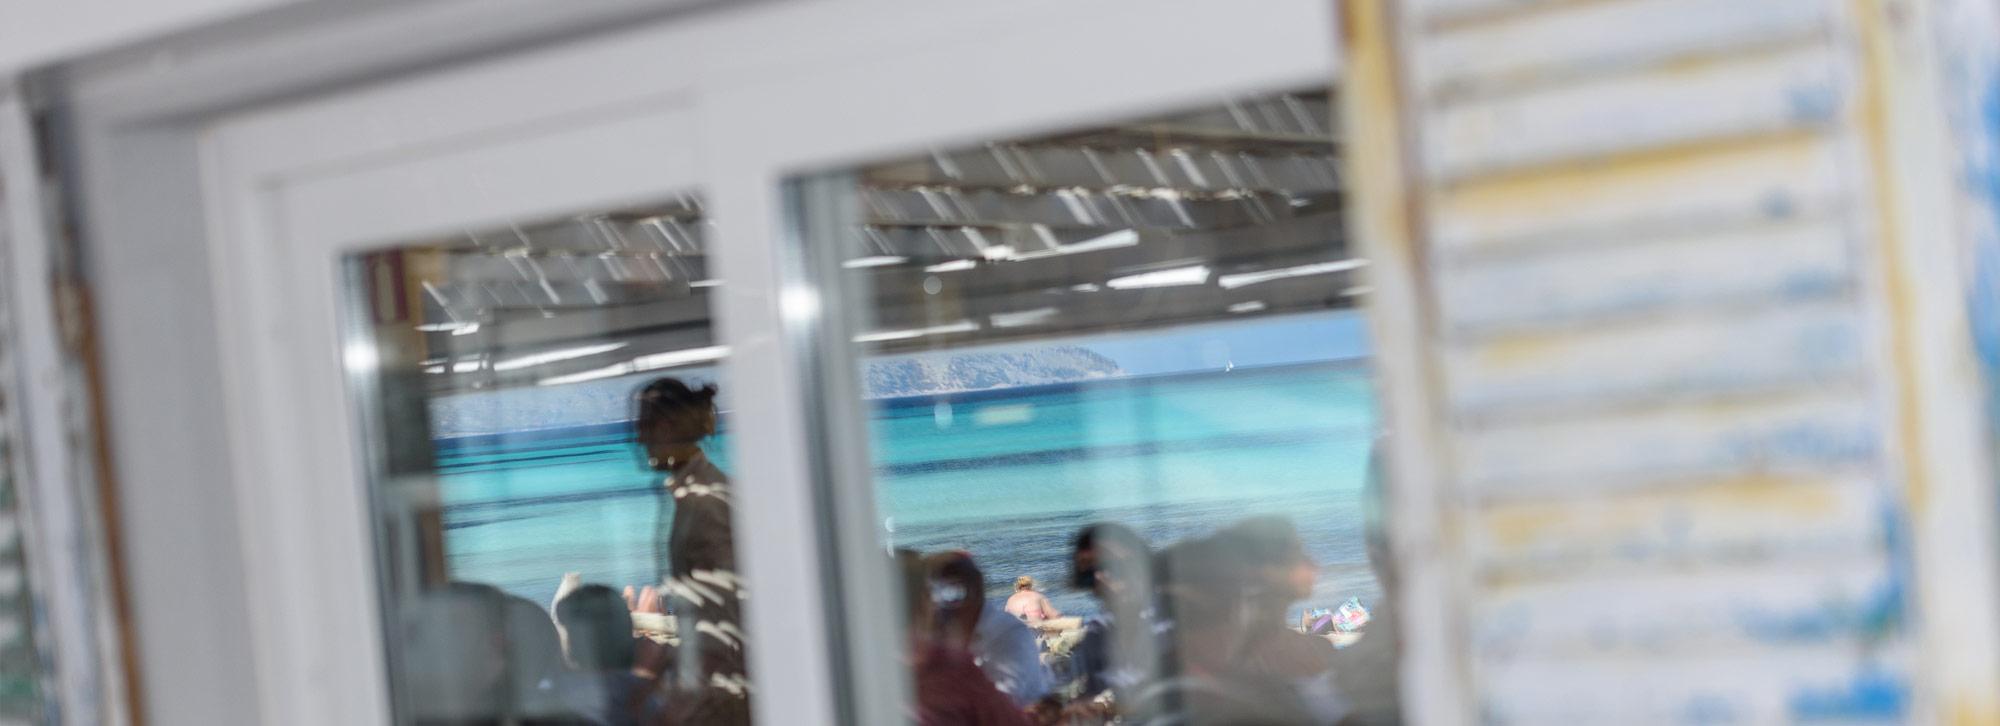 ponderosa-beach-reflejo